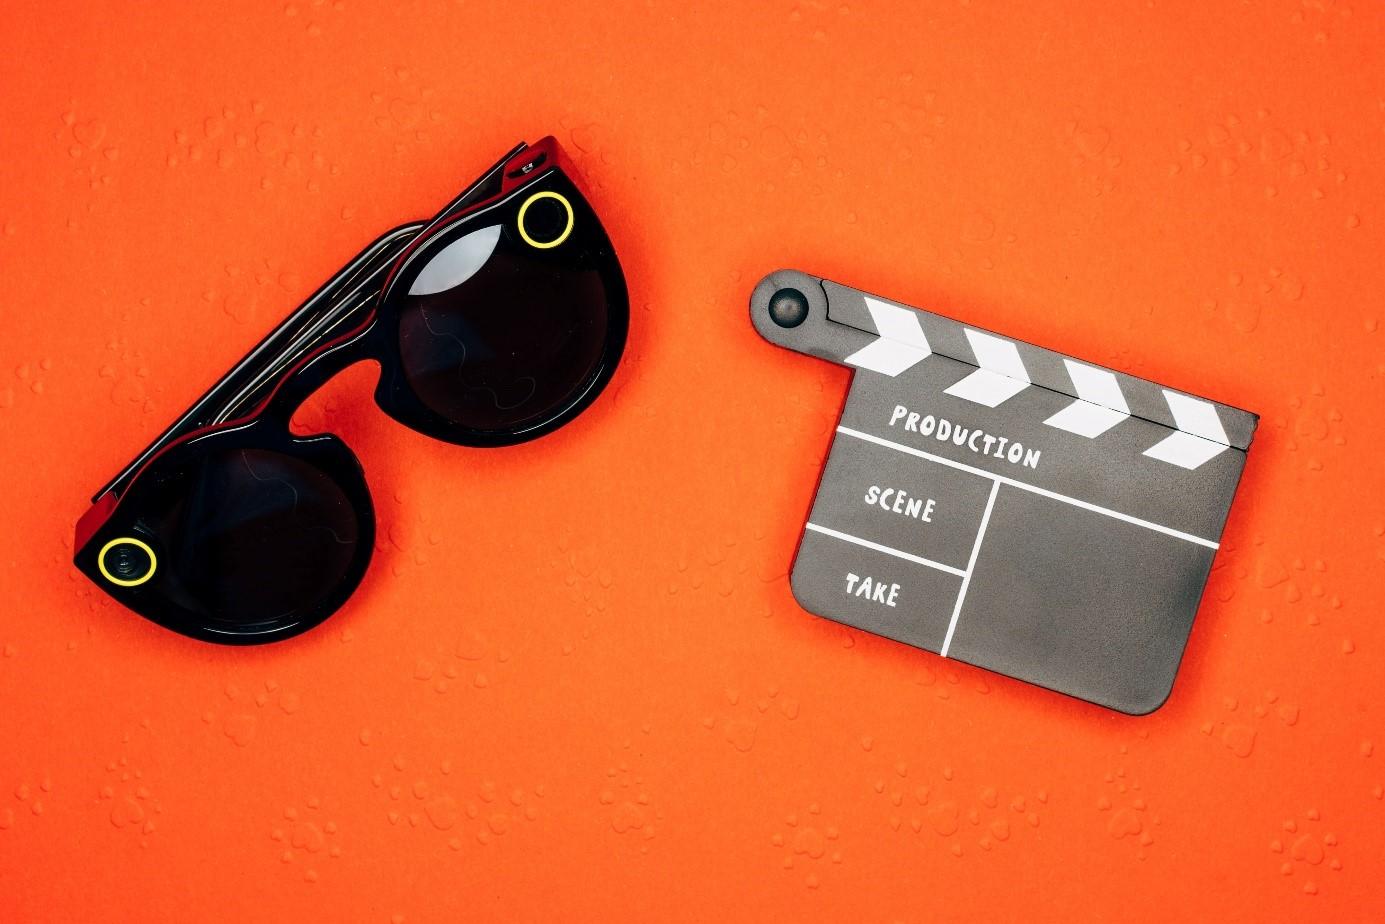 İngilizce Geliştirmek İçin En İyi İzlenebilecek Filmler